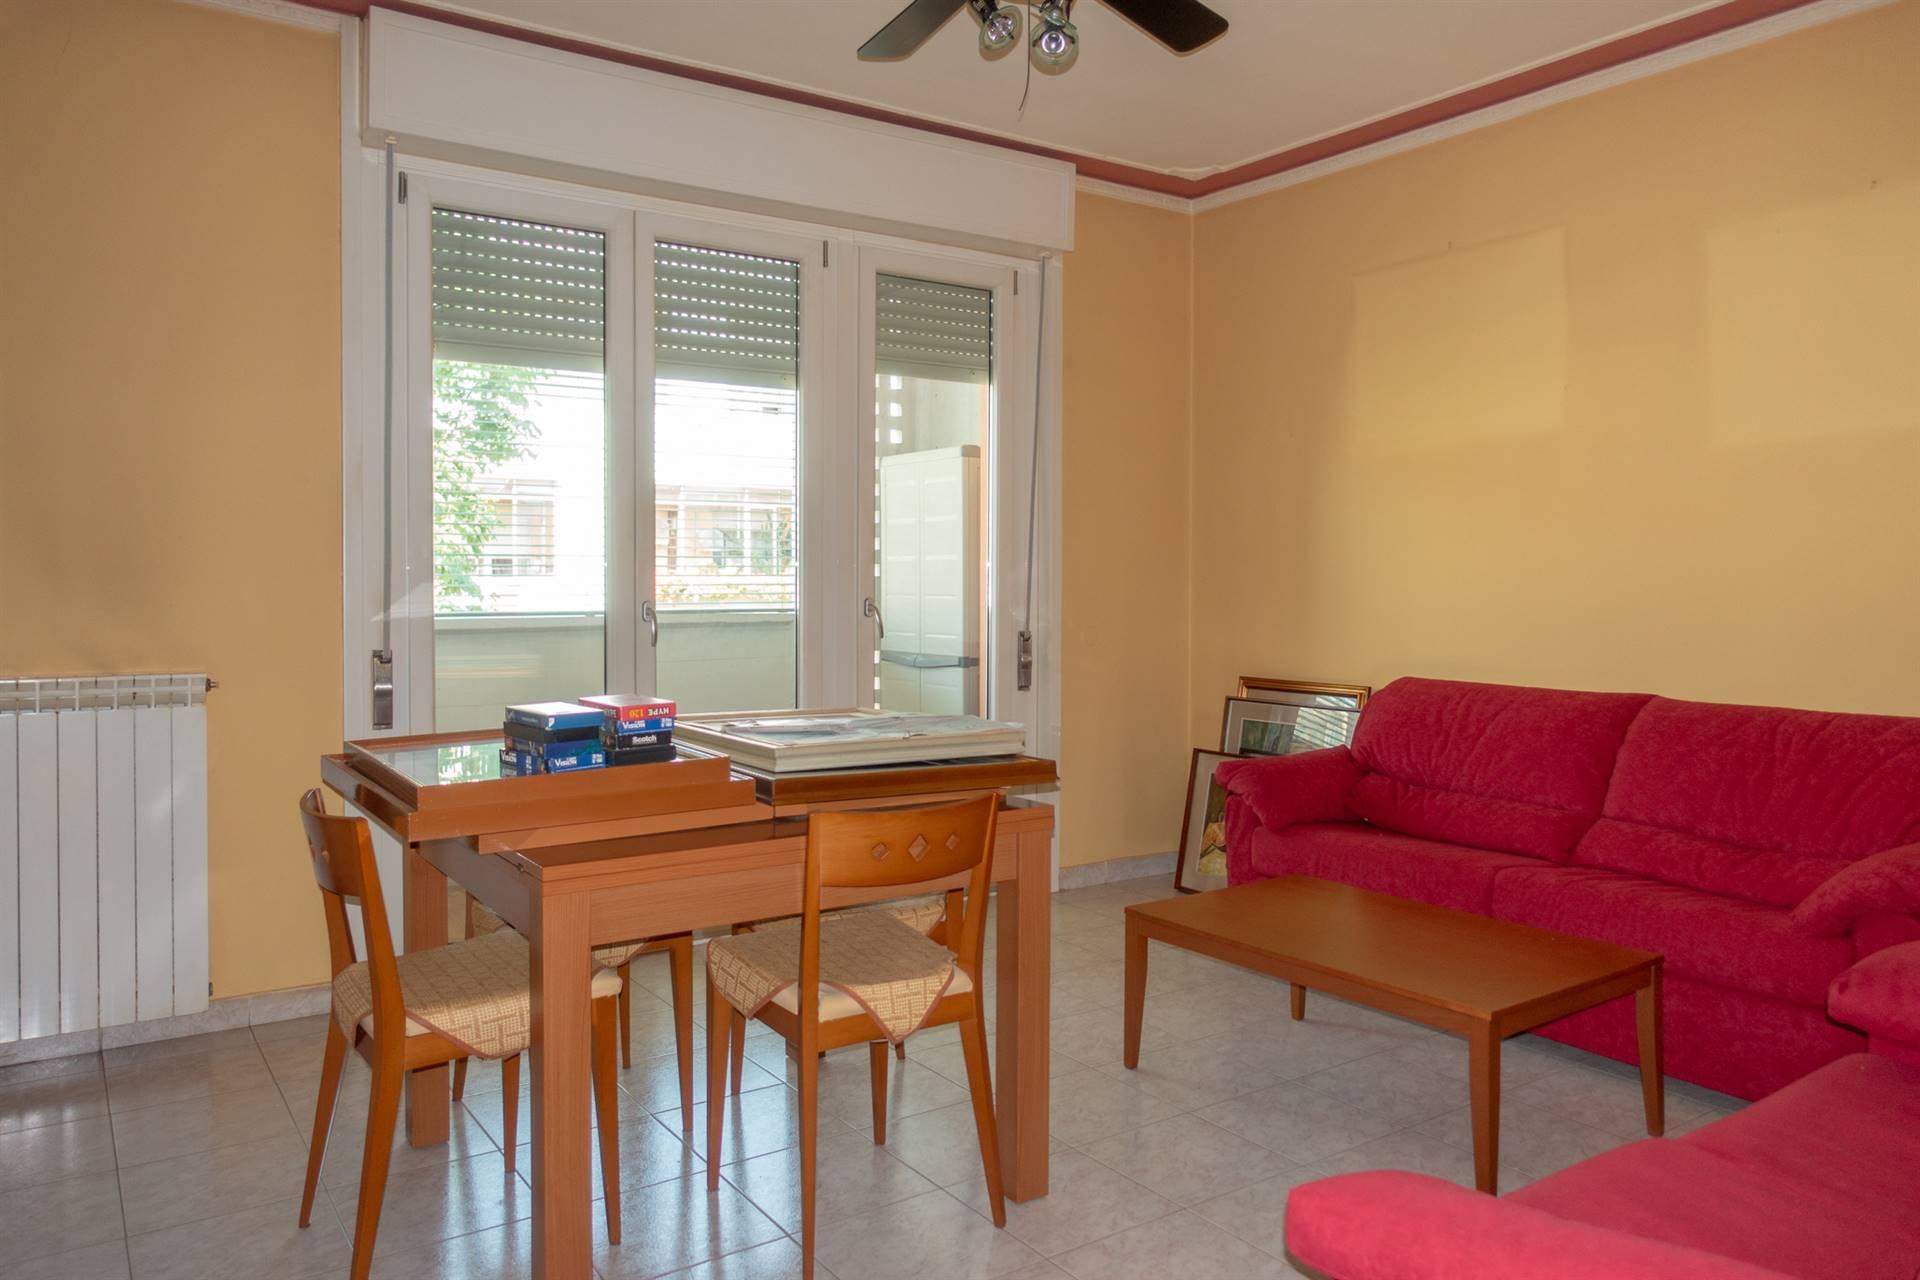 Venezia-Campalto in zona comoda a servizi e mezzi per Venezia, vendiamo appartamento di ampie dimensioni in ottime condizioni interne. L'immobile è